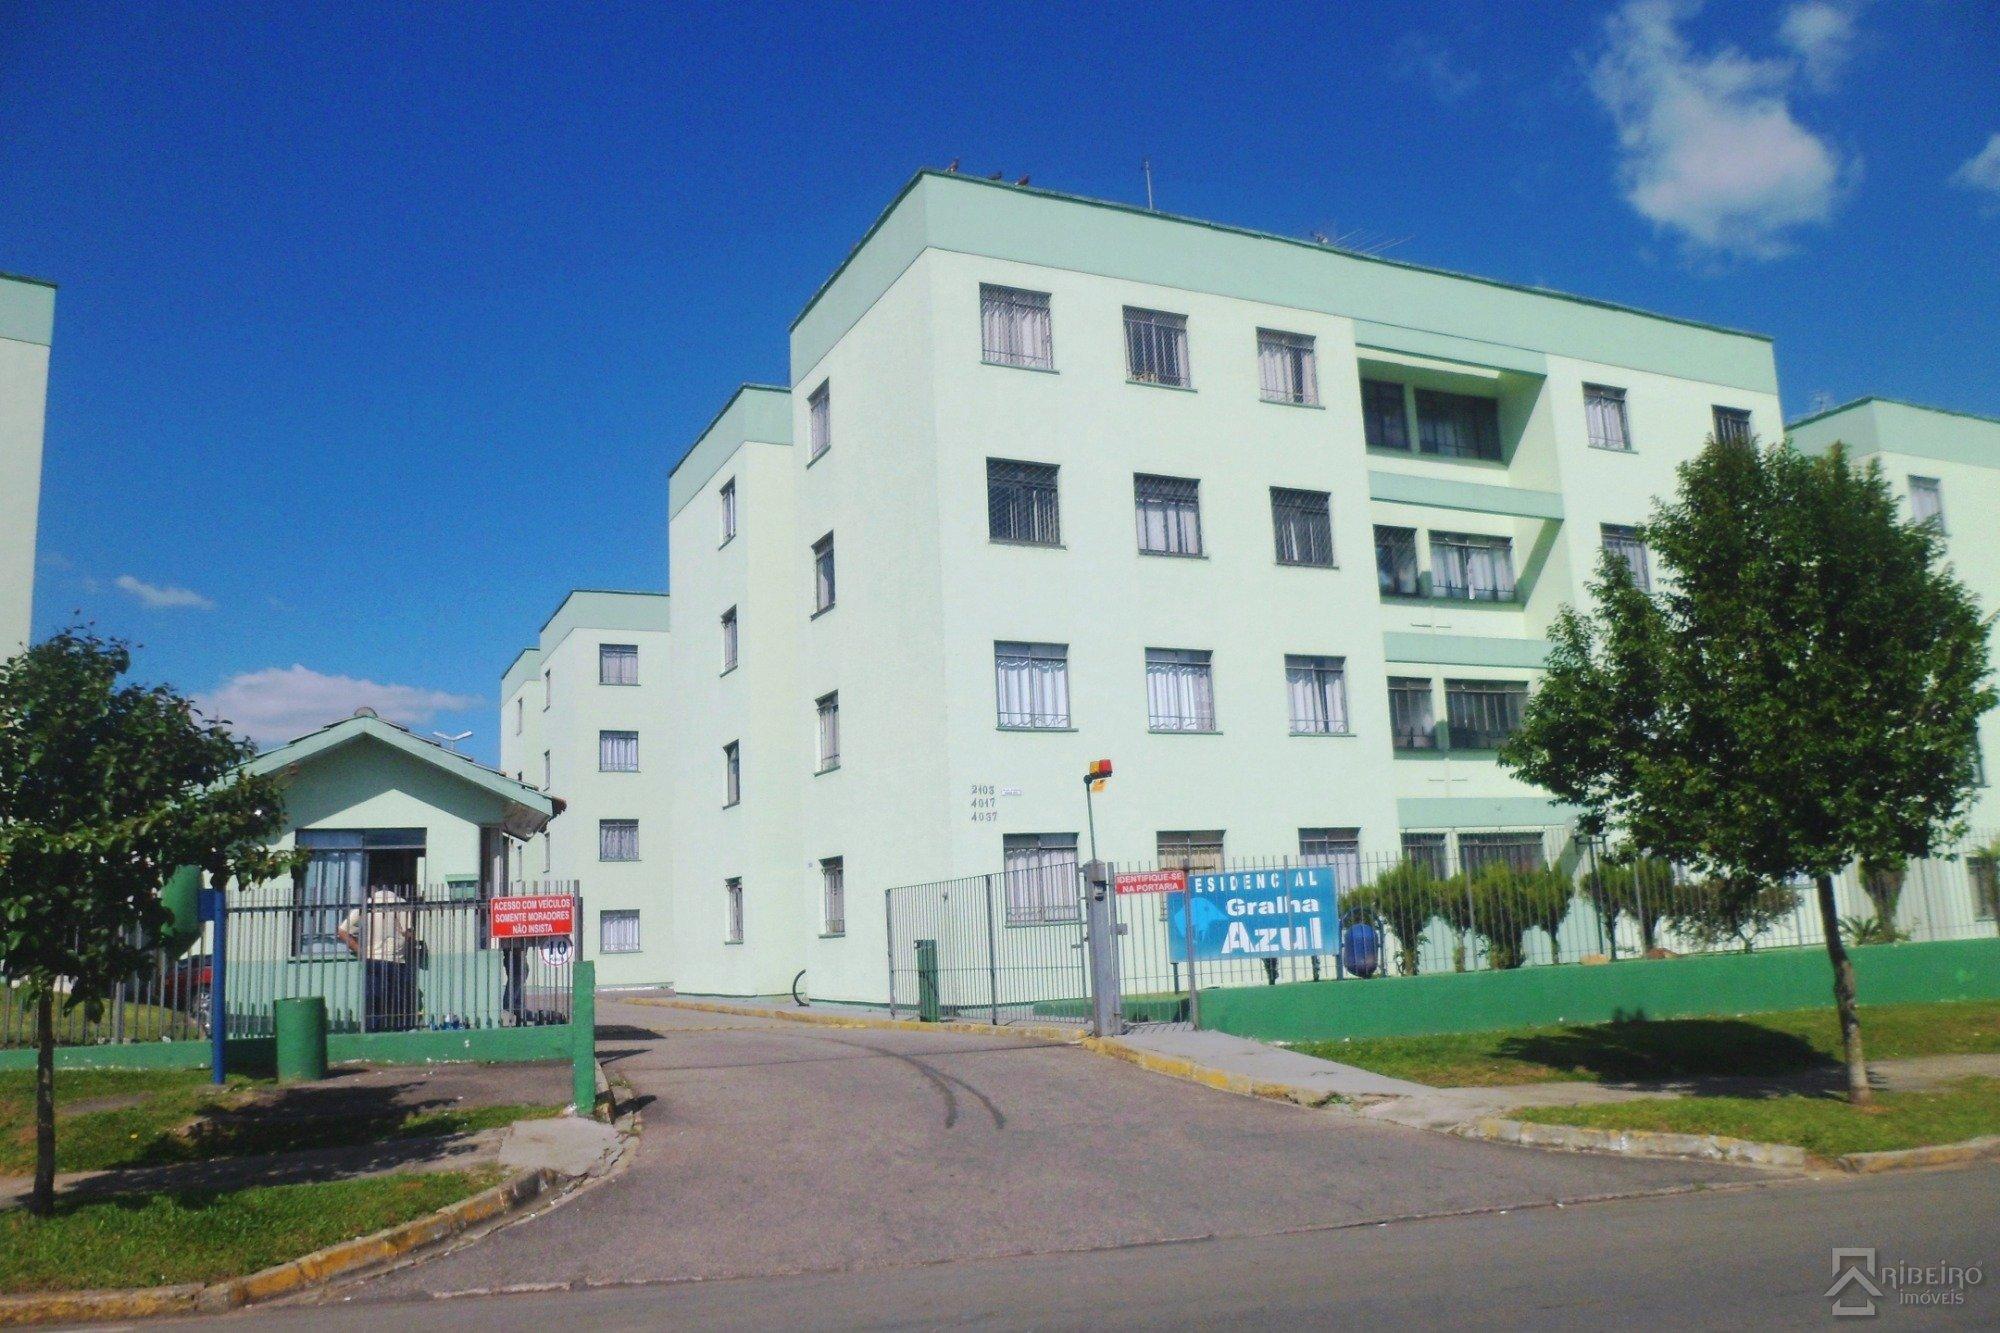 REF. 7425 -  Sao Jose Dos Pinhais - Rua  Tenente Djalma Dutra, 4017 - Apto 02 - Bl 03